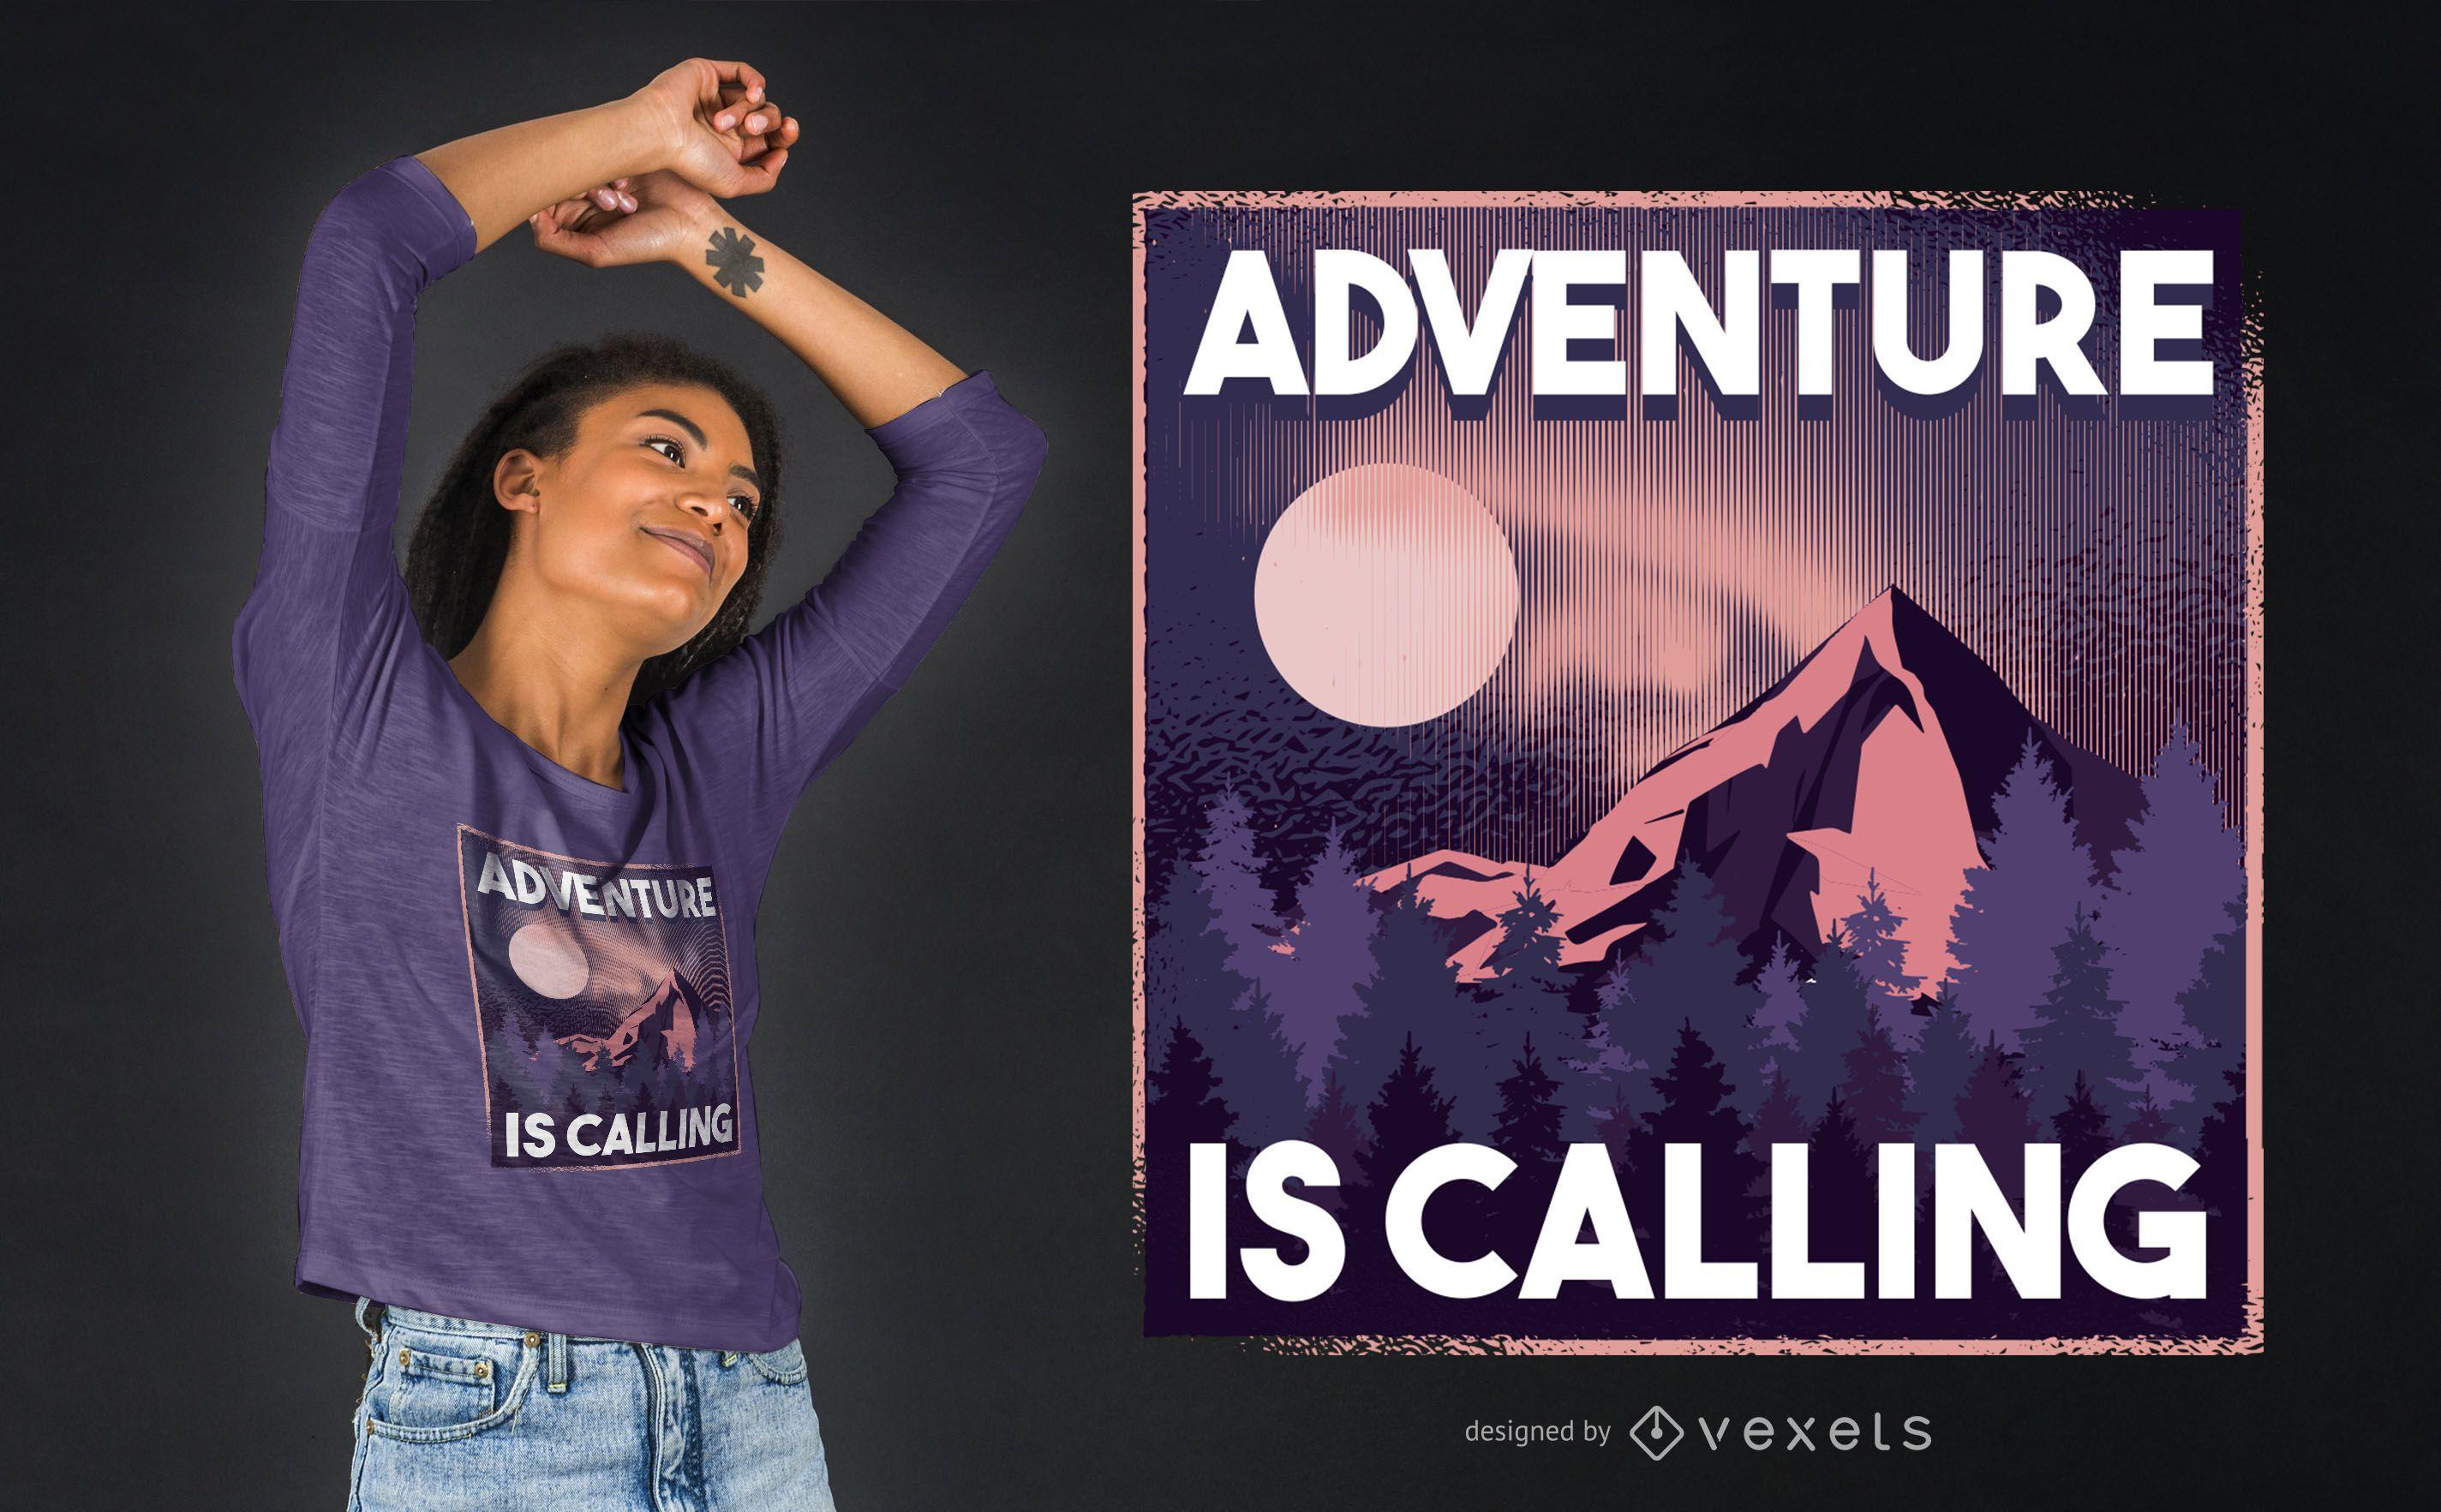 La aventura está llamando diseño de camiseta.